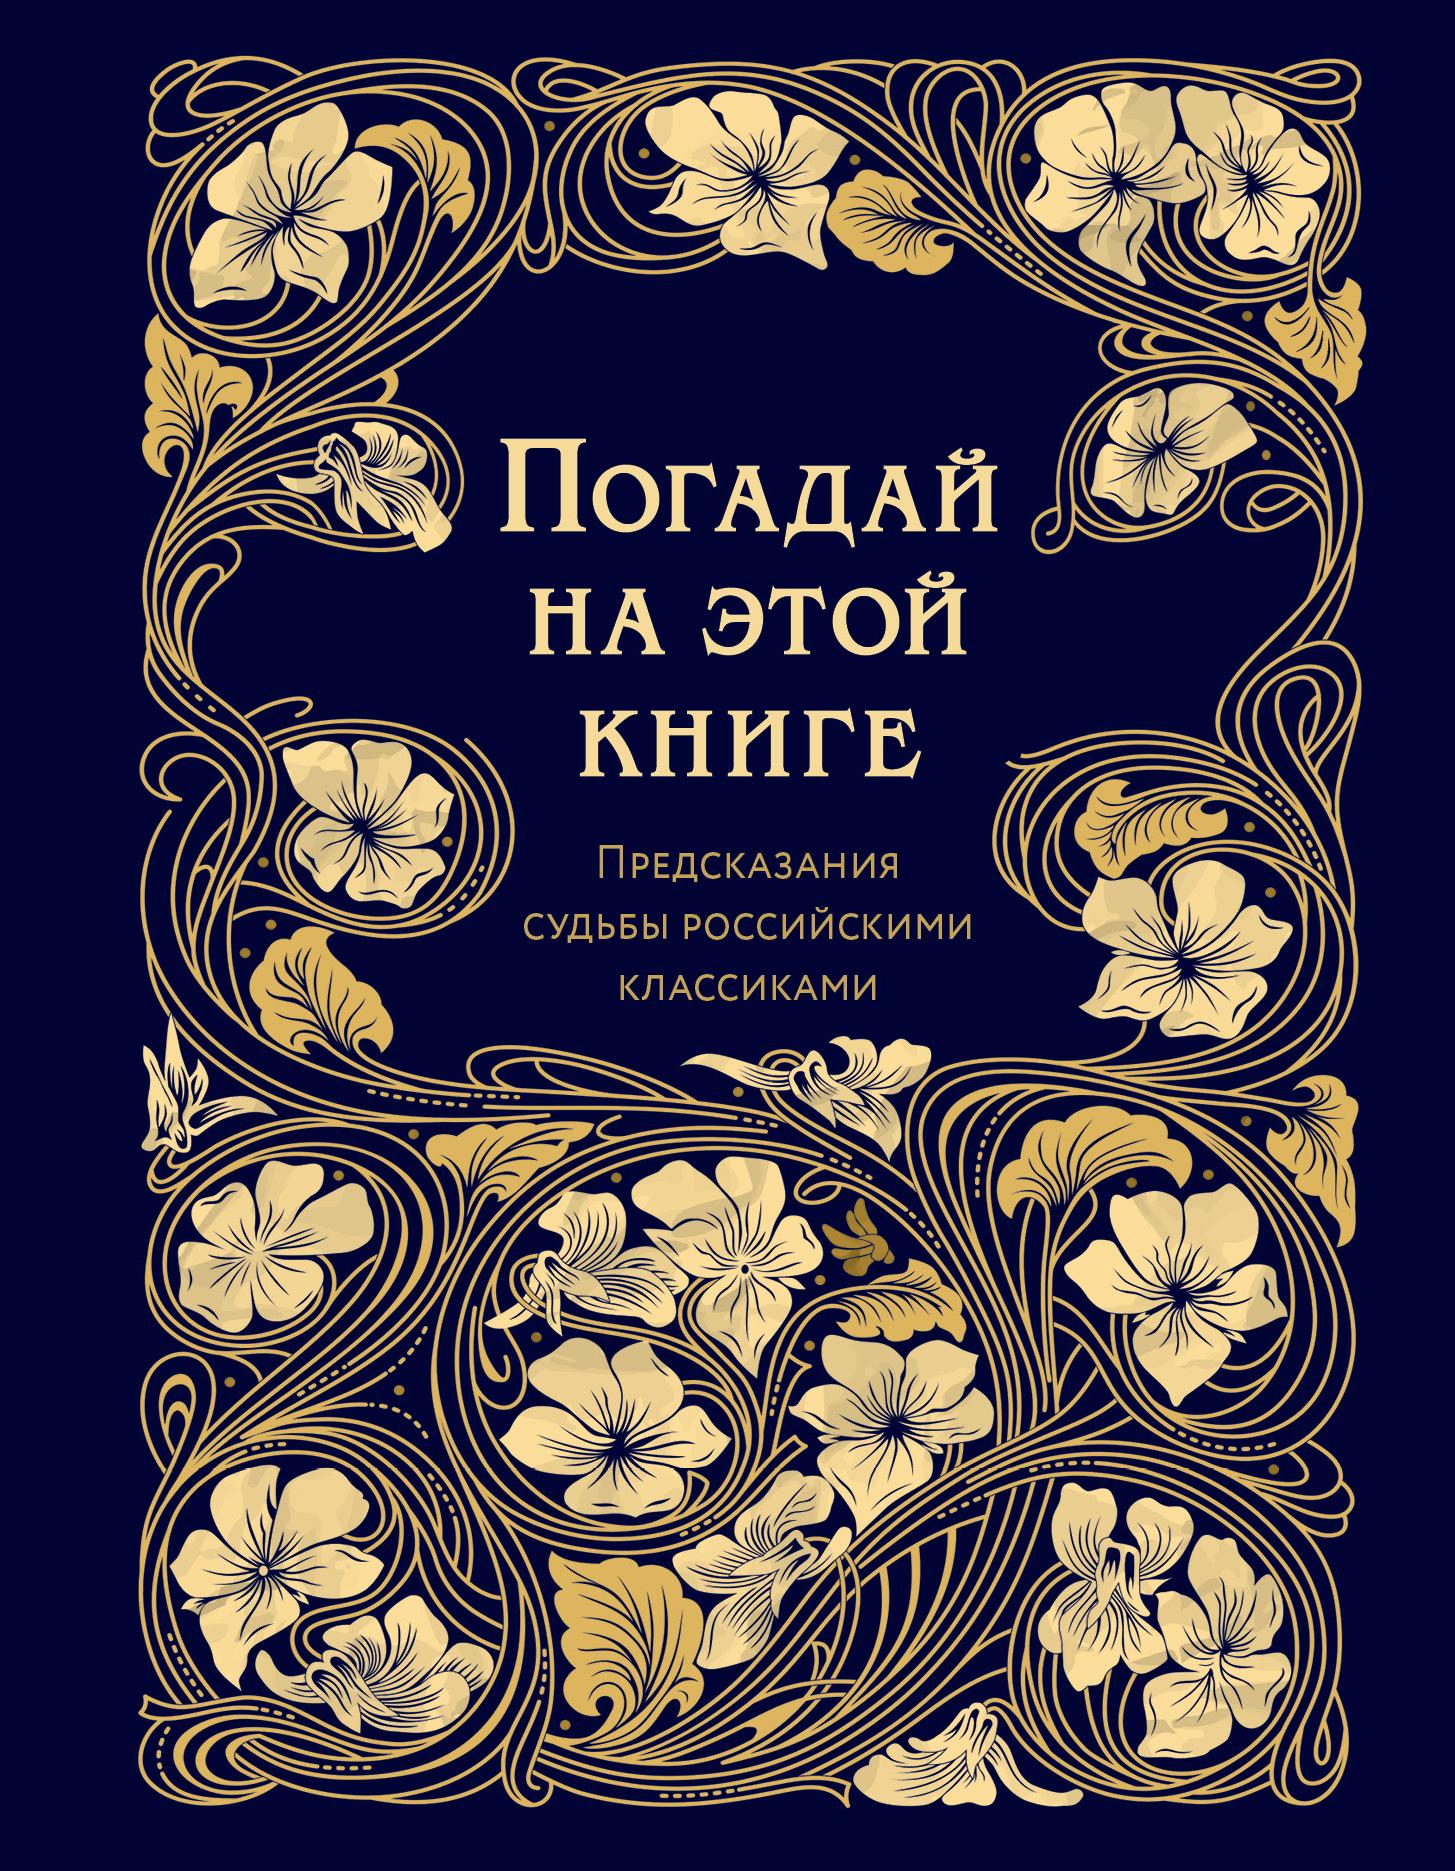 Погадай на этой книге. Предсказания судьбы российскими классиками